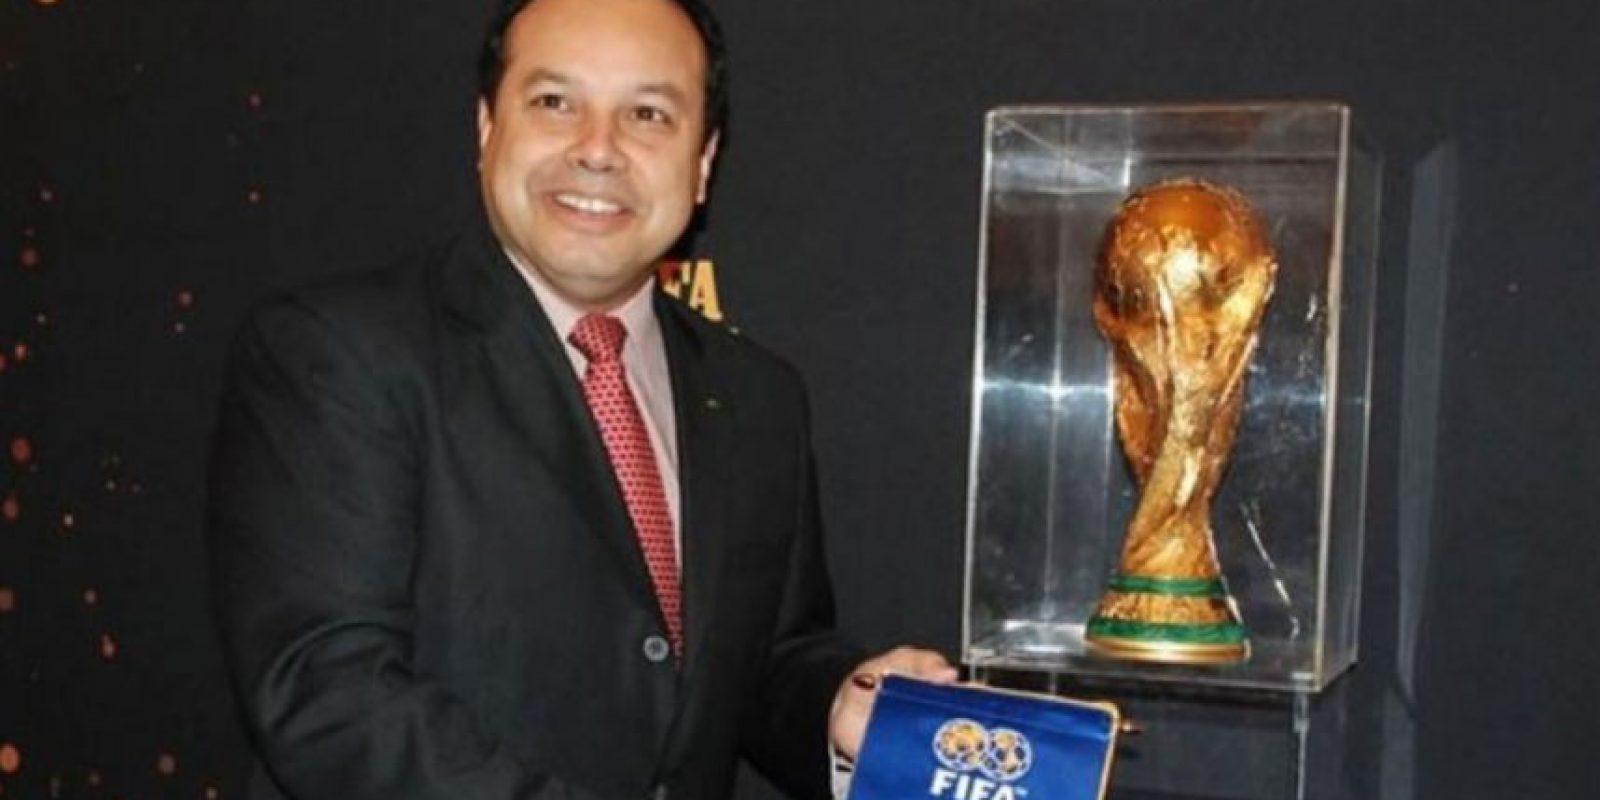 Ariel Alvarado. Panameño, presidente de la Federación Panameña Fútbol (Fepafut) entre 2000 y 2011 y además formó parte del Comité Ejecutivo de la Concacaf. Foto:Getty Images